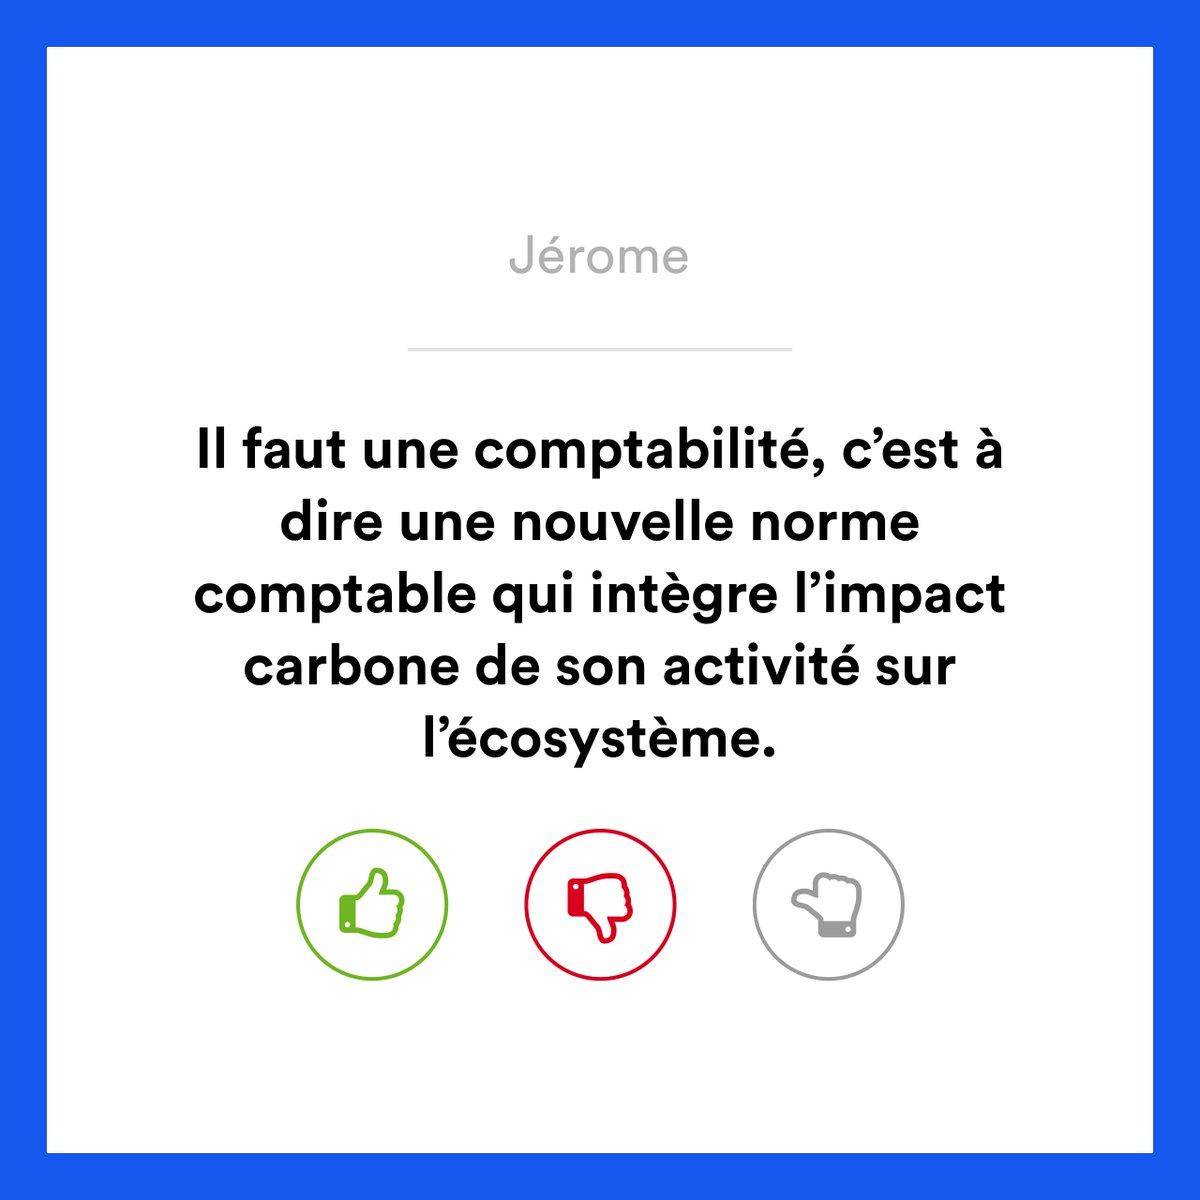 ✋  Vous avez des idées pour rendre notre économie plus bienveillante ? Comme Jérôme, faîtes entendre votre voix et partagez vos propositions sur https://app.make.org/FR-fr/consultation/economiebienveillante/selection…